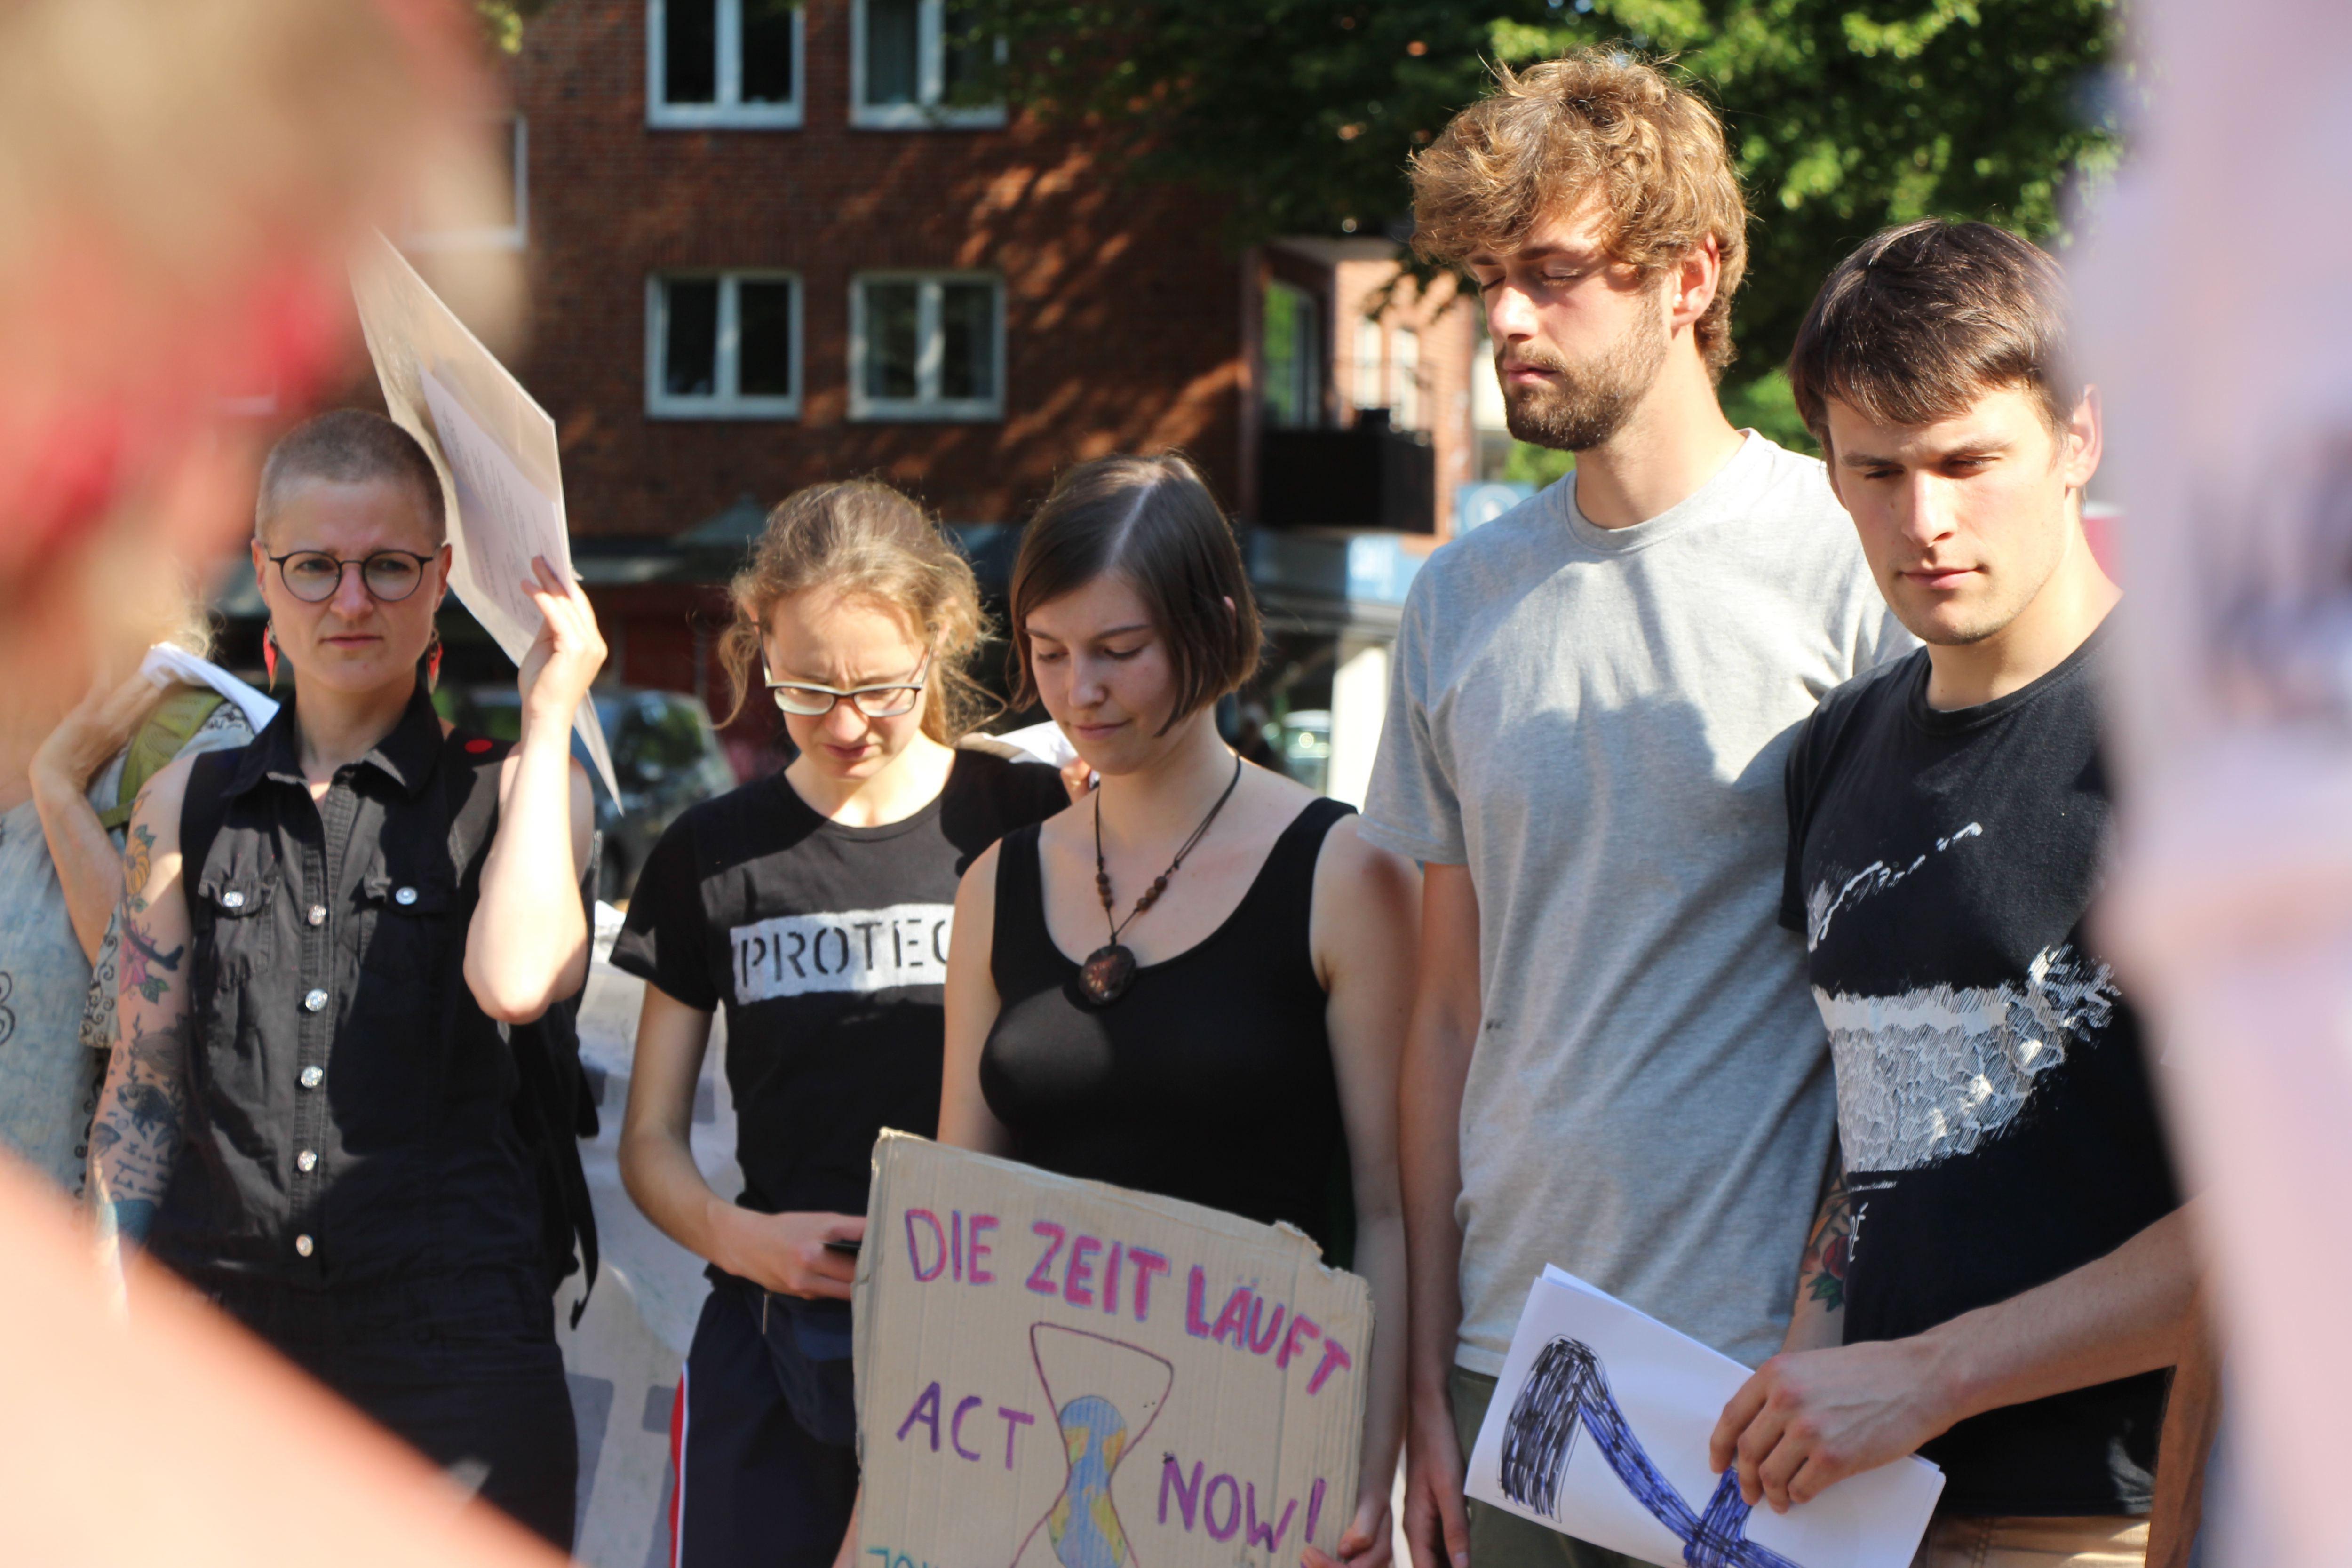 Vor der Aktion wird das Ziel verlesen. Foto: Catharina Rudschies